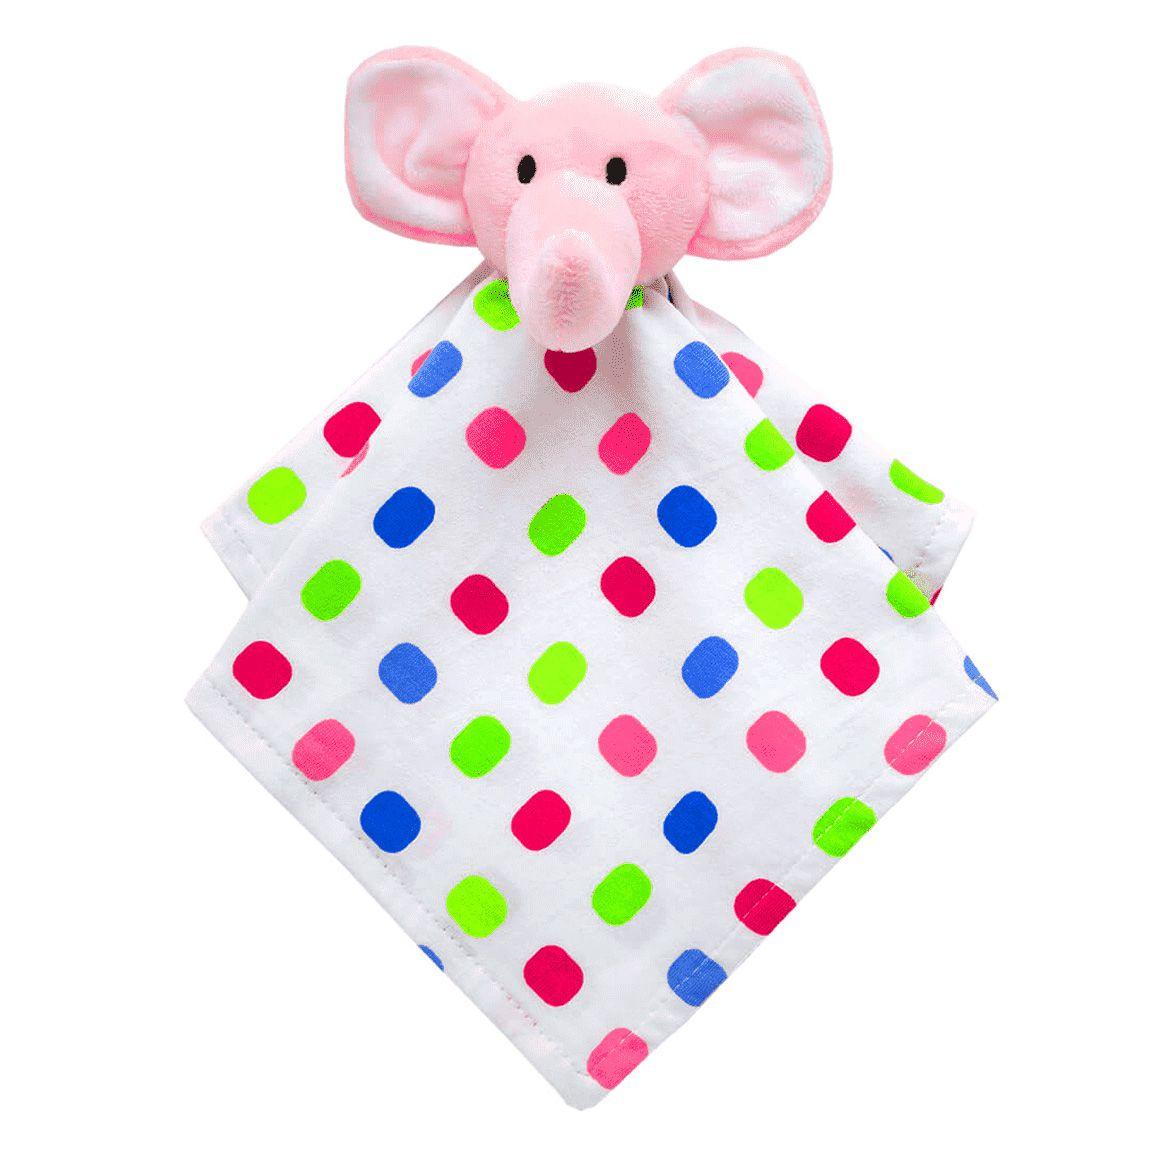 Naninha - Elefante Rosa - Pelúcia - Doces Sonhos - Buba